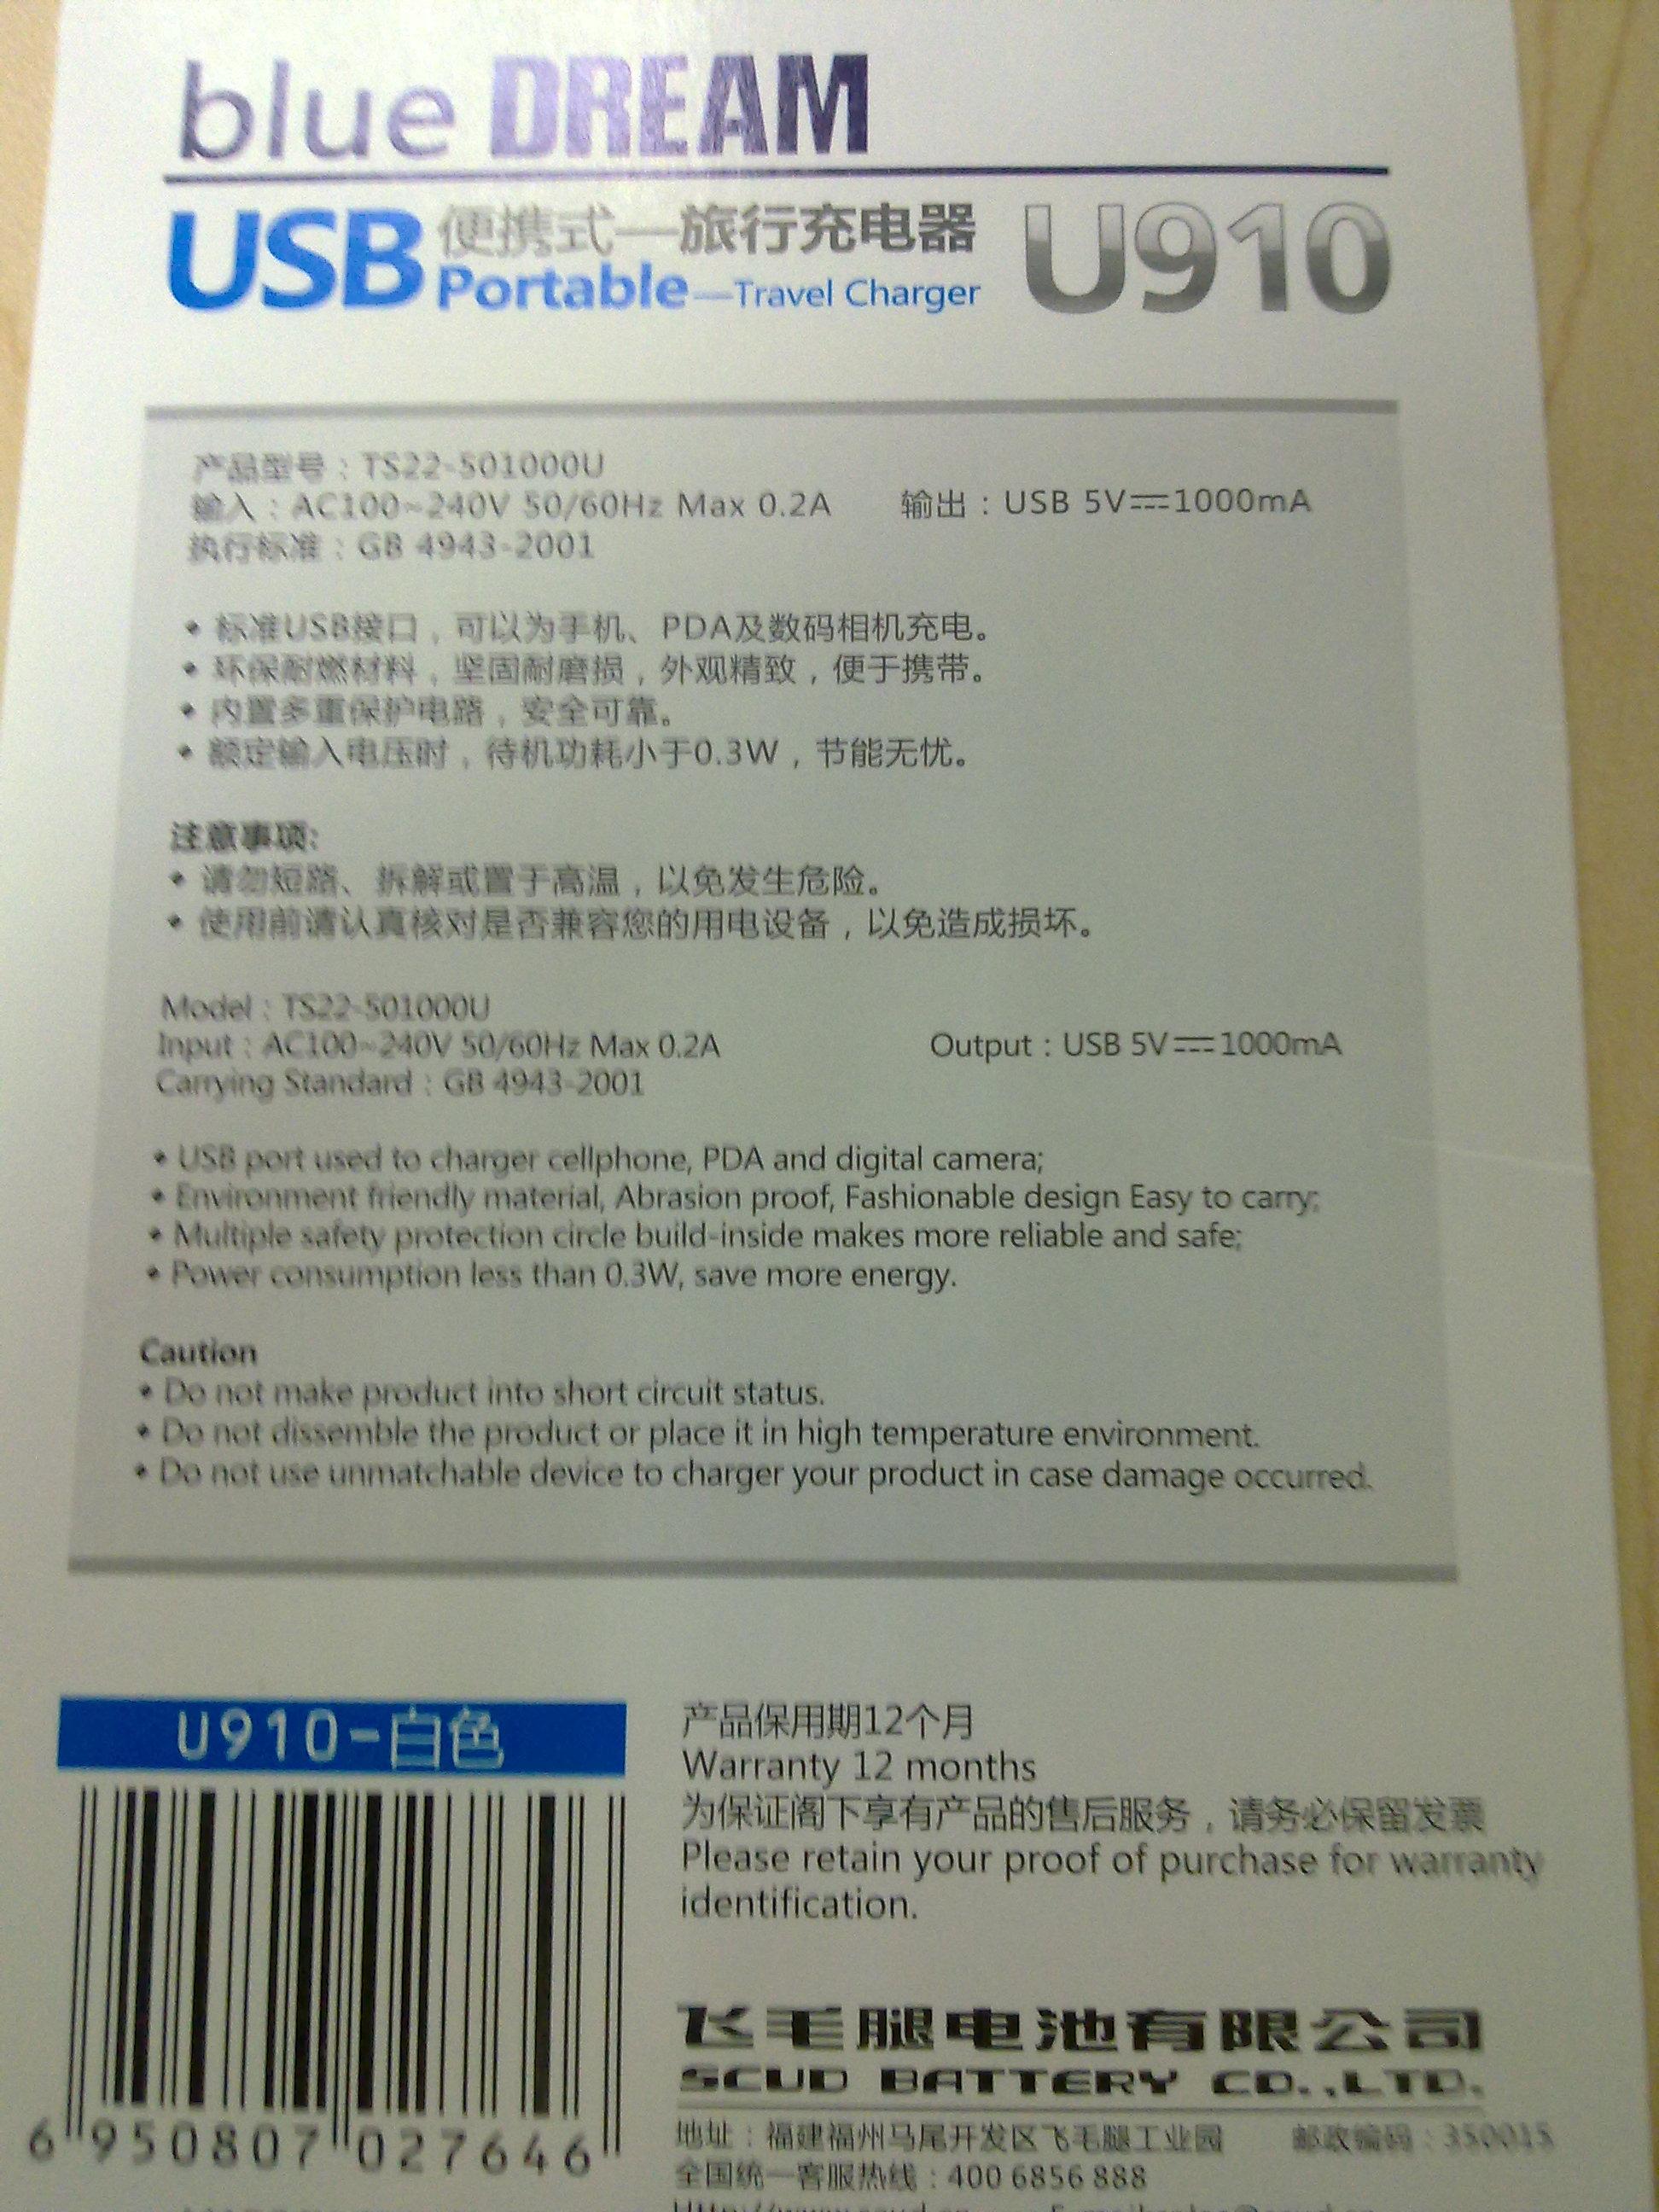 asics gel lyte iii red white blue 00298990 for-cheap